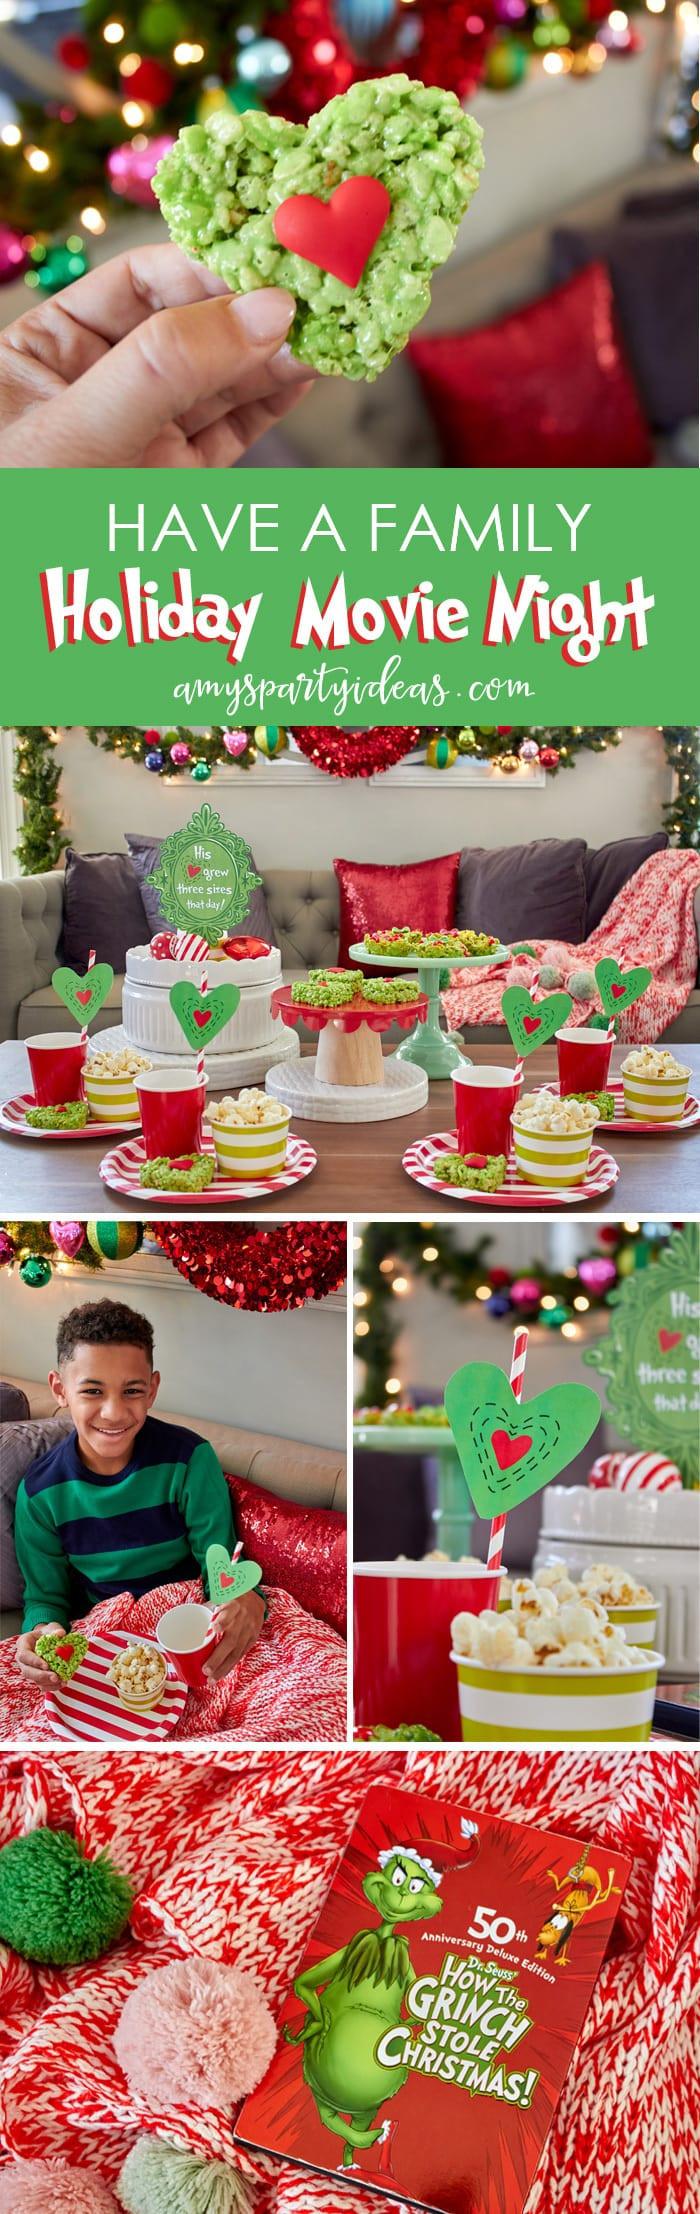 Family Holiday Party Ideas  Holiday Family Movie Night